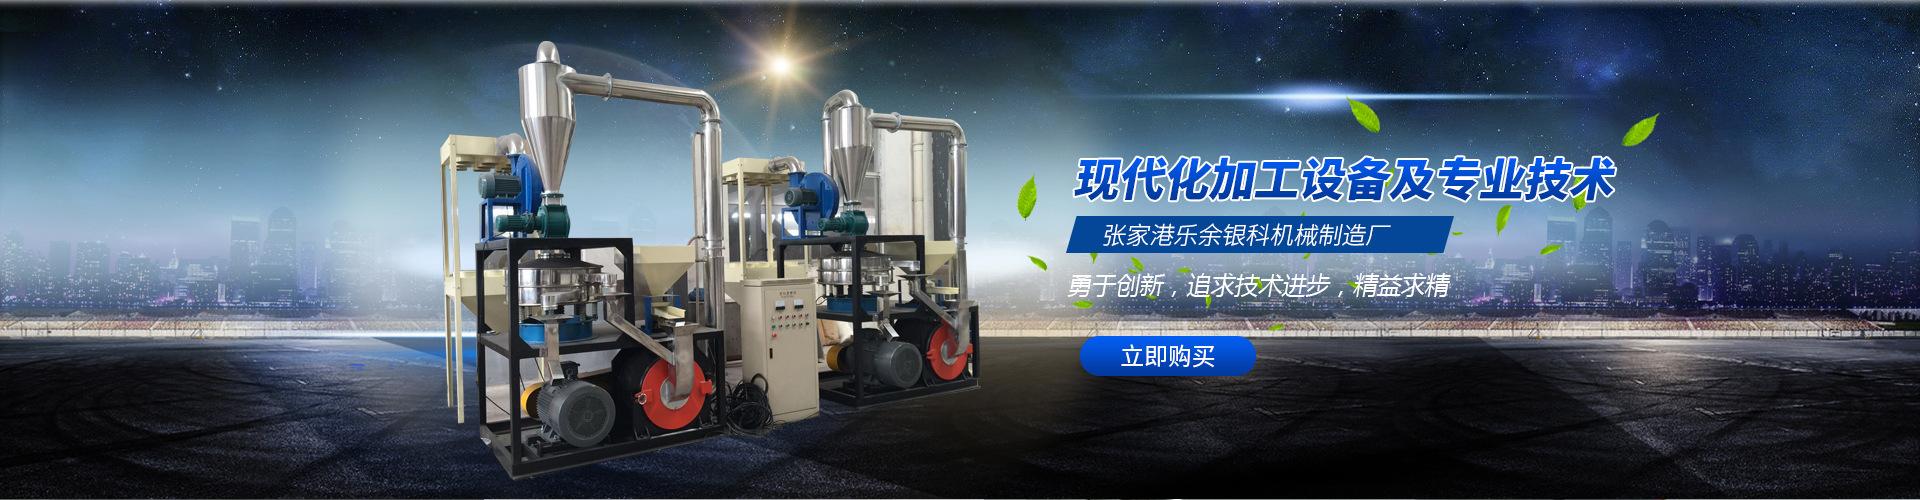 张家港市乐余银科机械制造厂